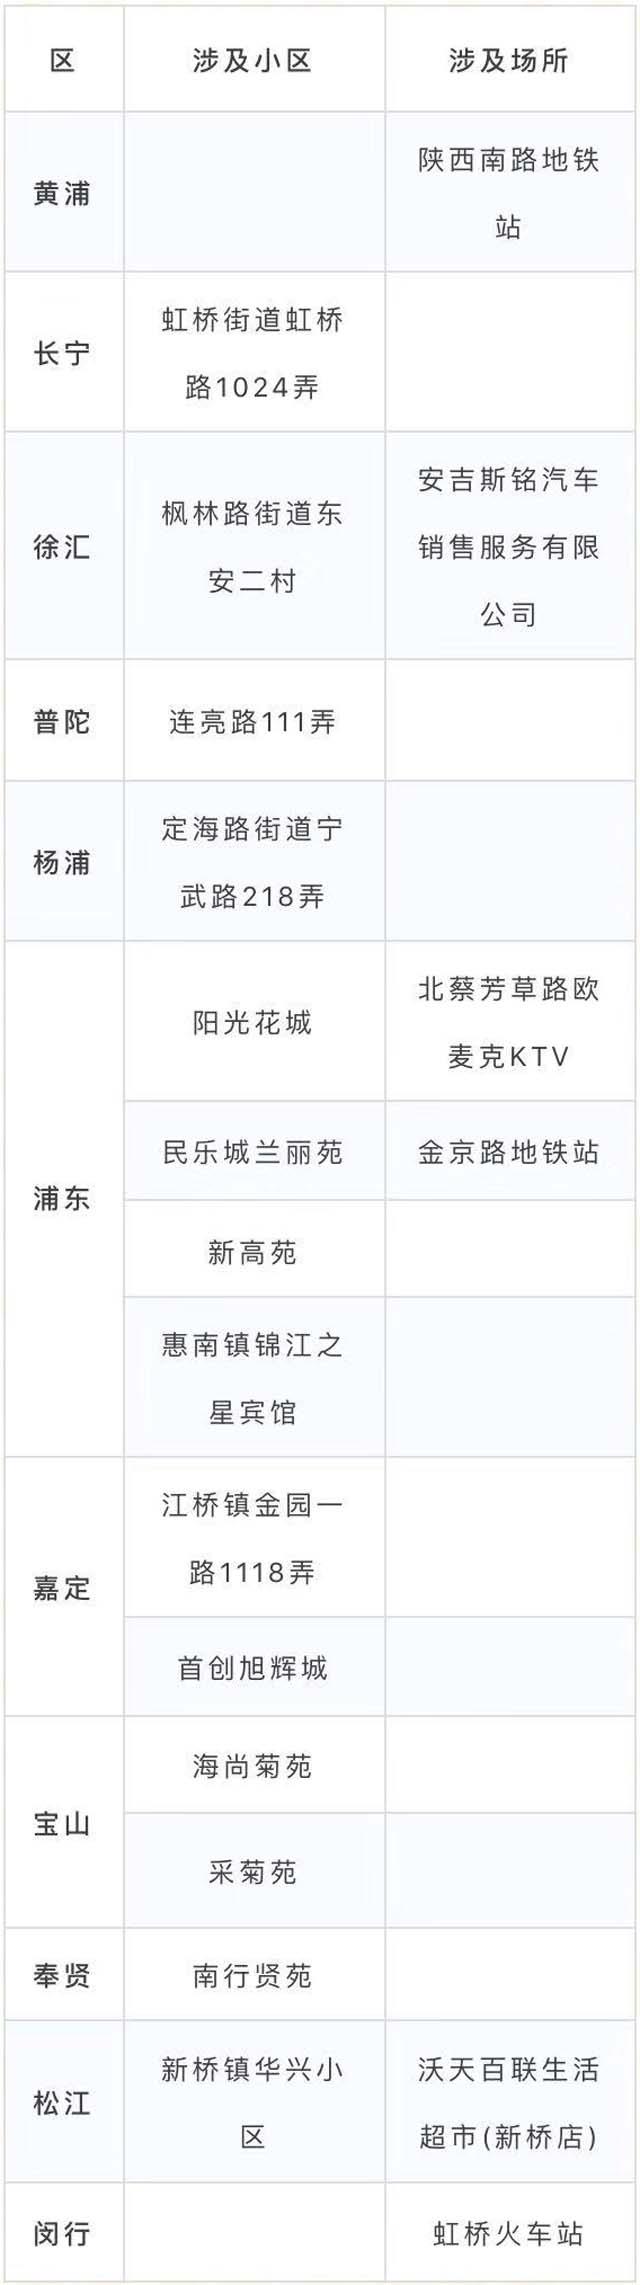 地下作旧产业调查 了望东方周刊_上海11个重点拆违地地_上海本地调查